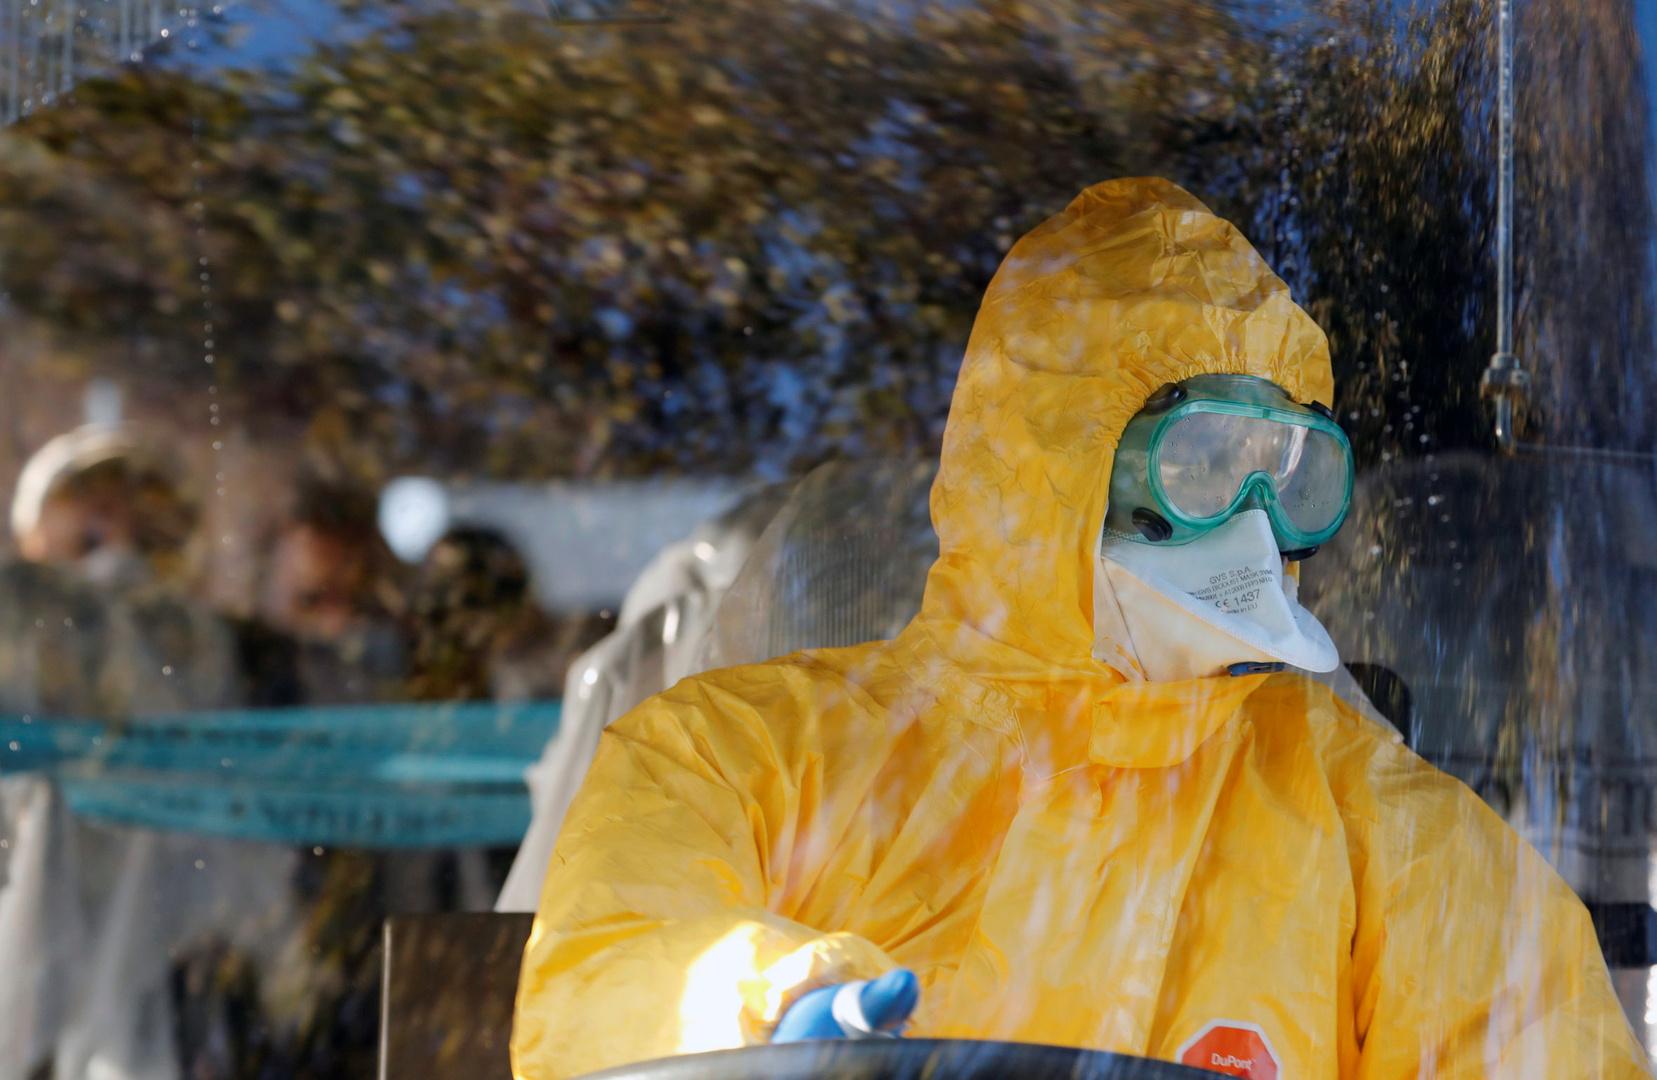 الصحة العالمية: قلقون من تسجيل إصابات بفيروس كورونا لأشخاص لم يسافروا إلى الصين ولم يختلطوا بمرضى